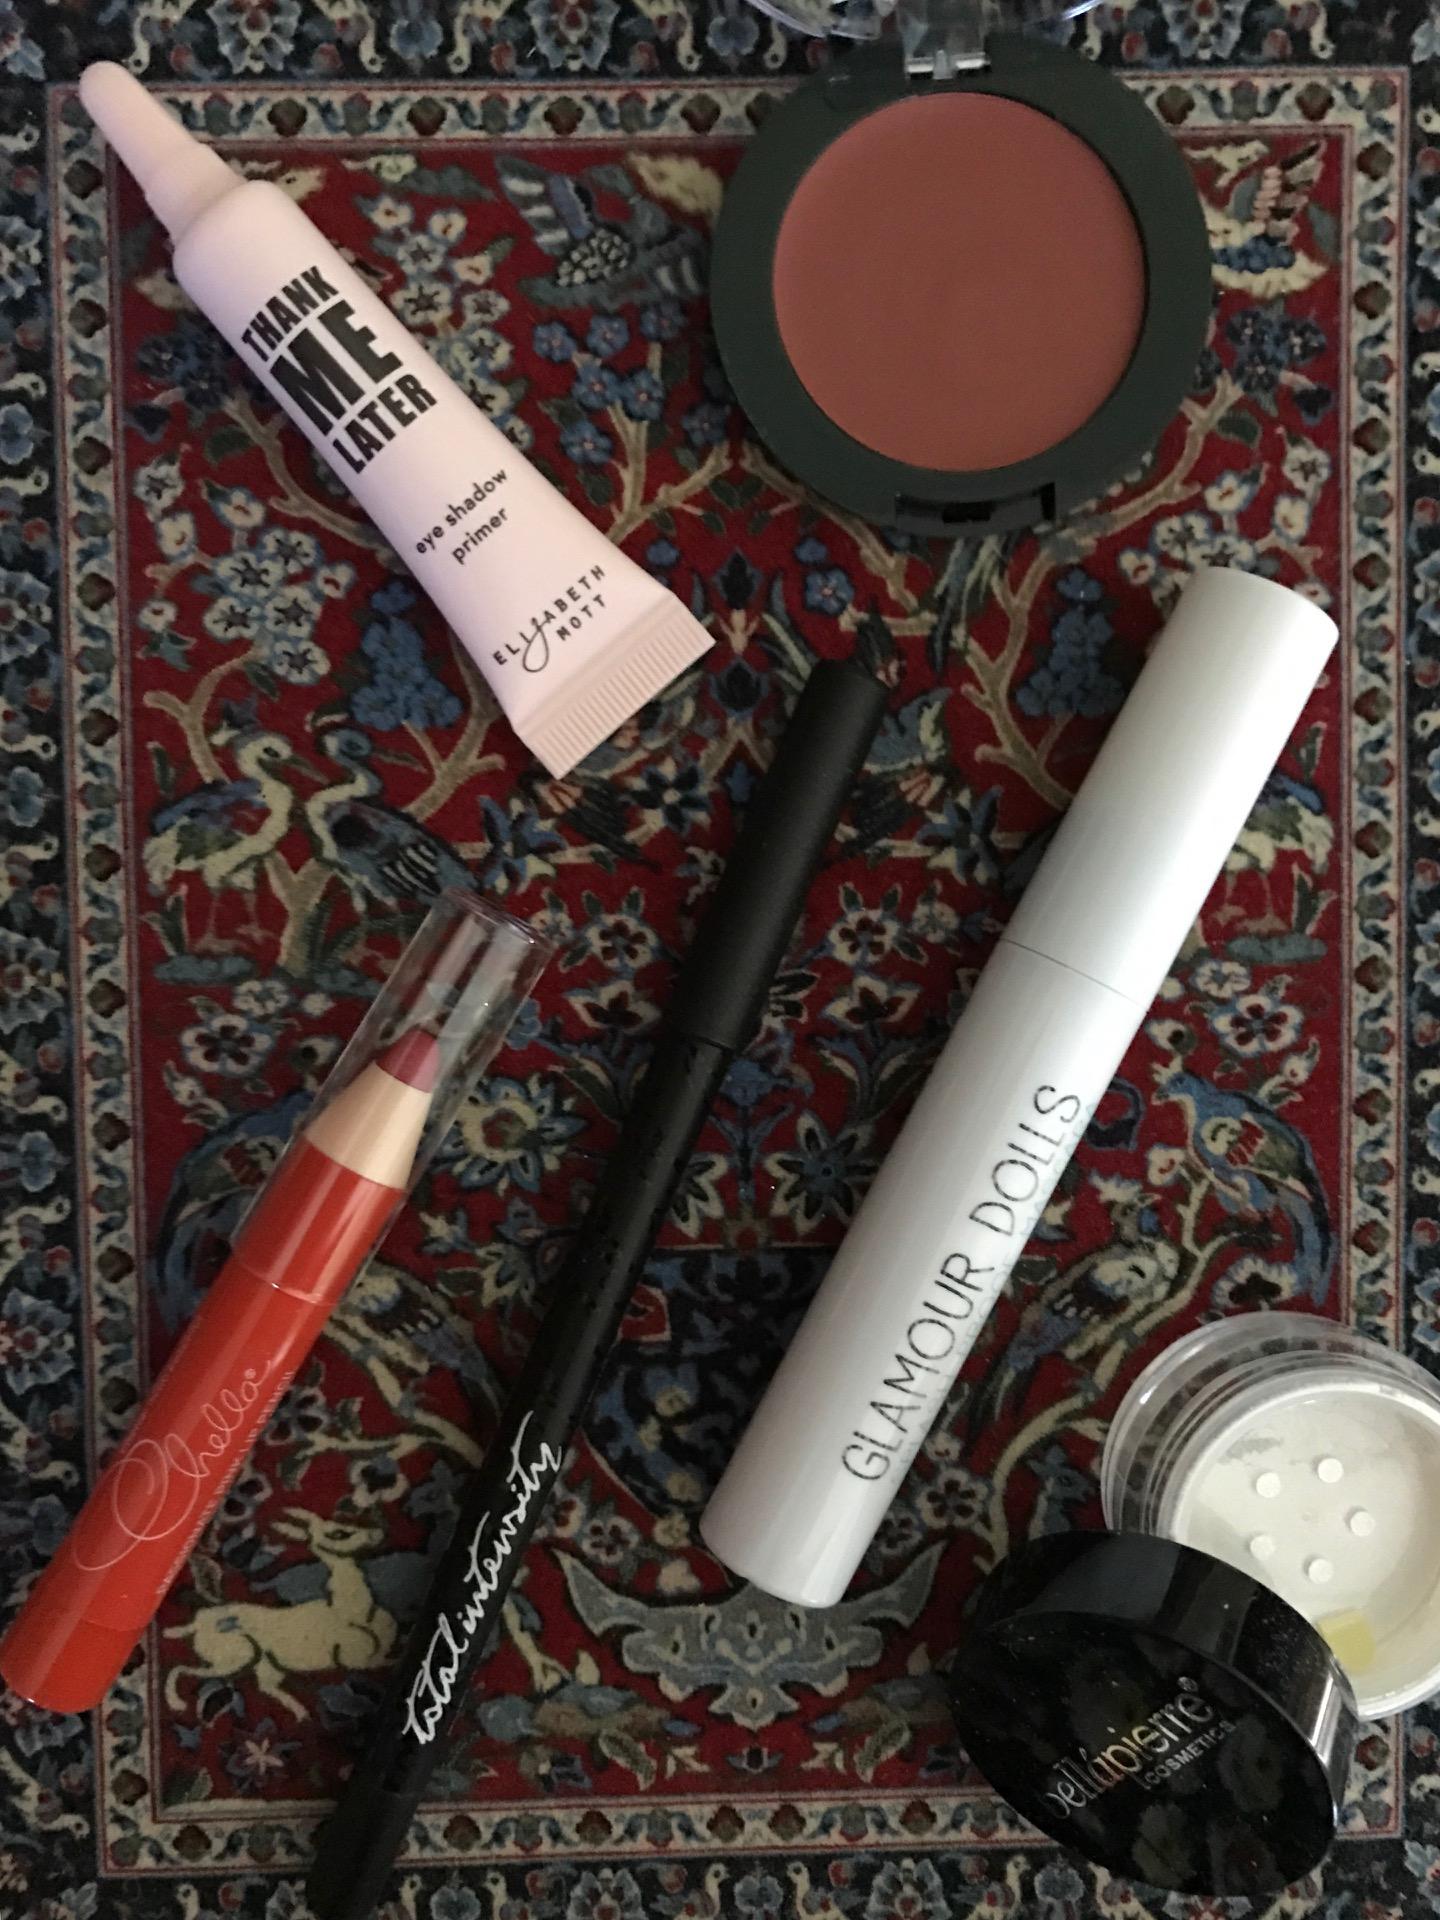 Beauty Box 5 Makeup Madness box items neversaydiebeauty.com